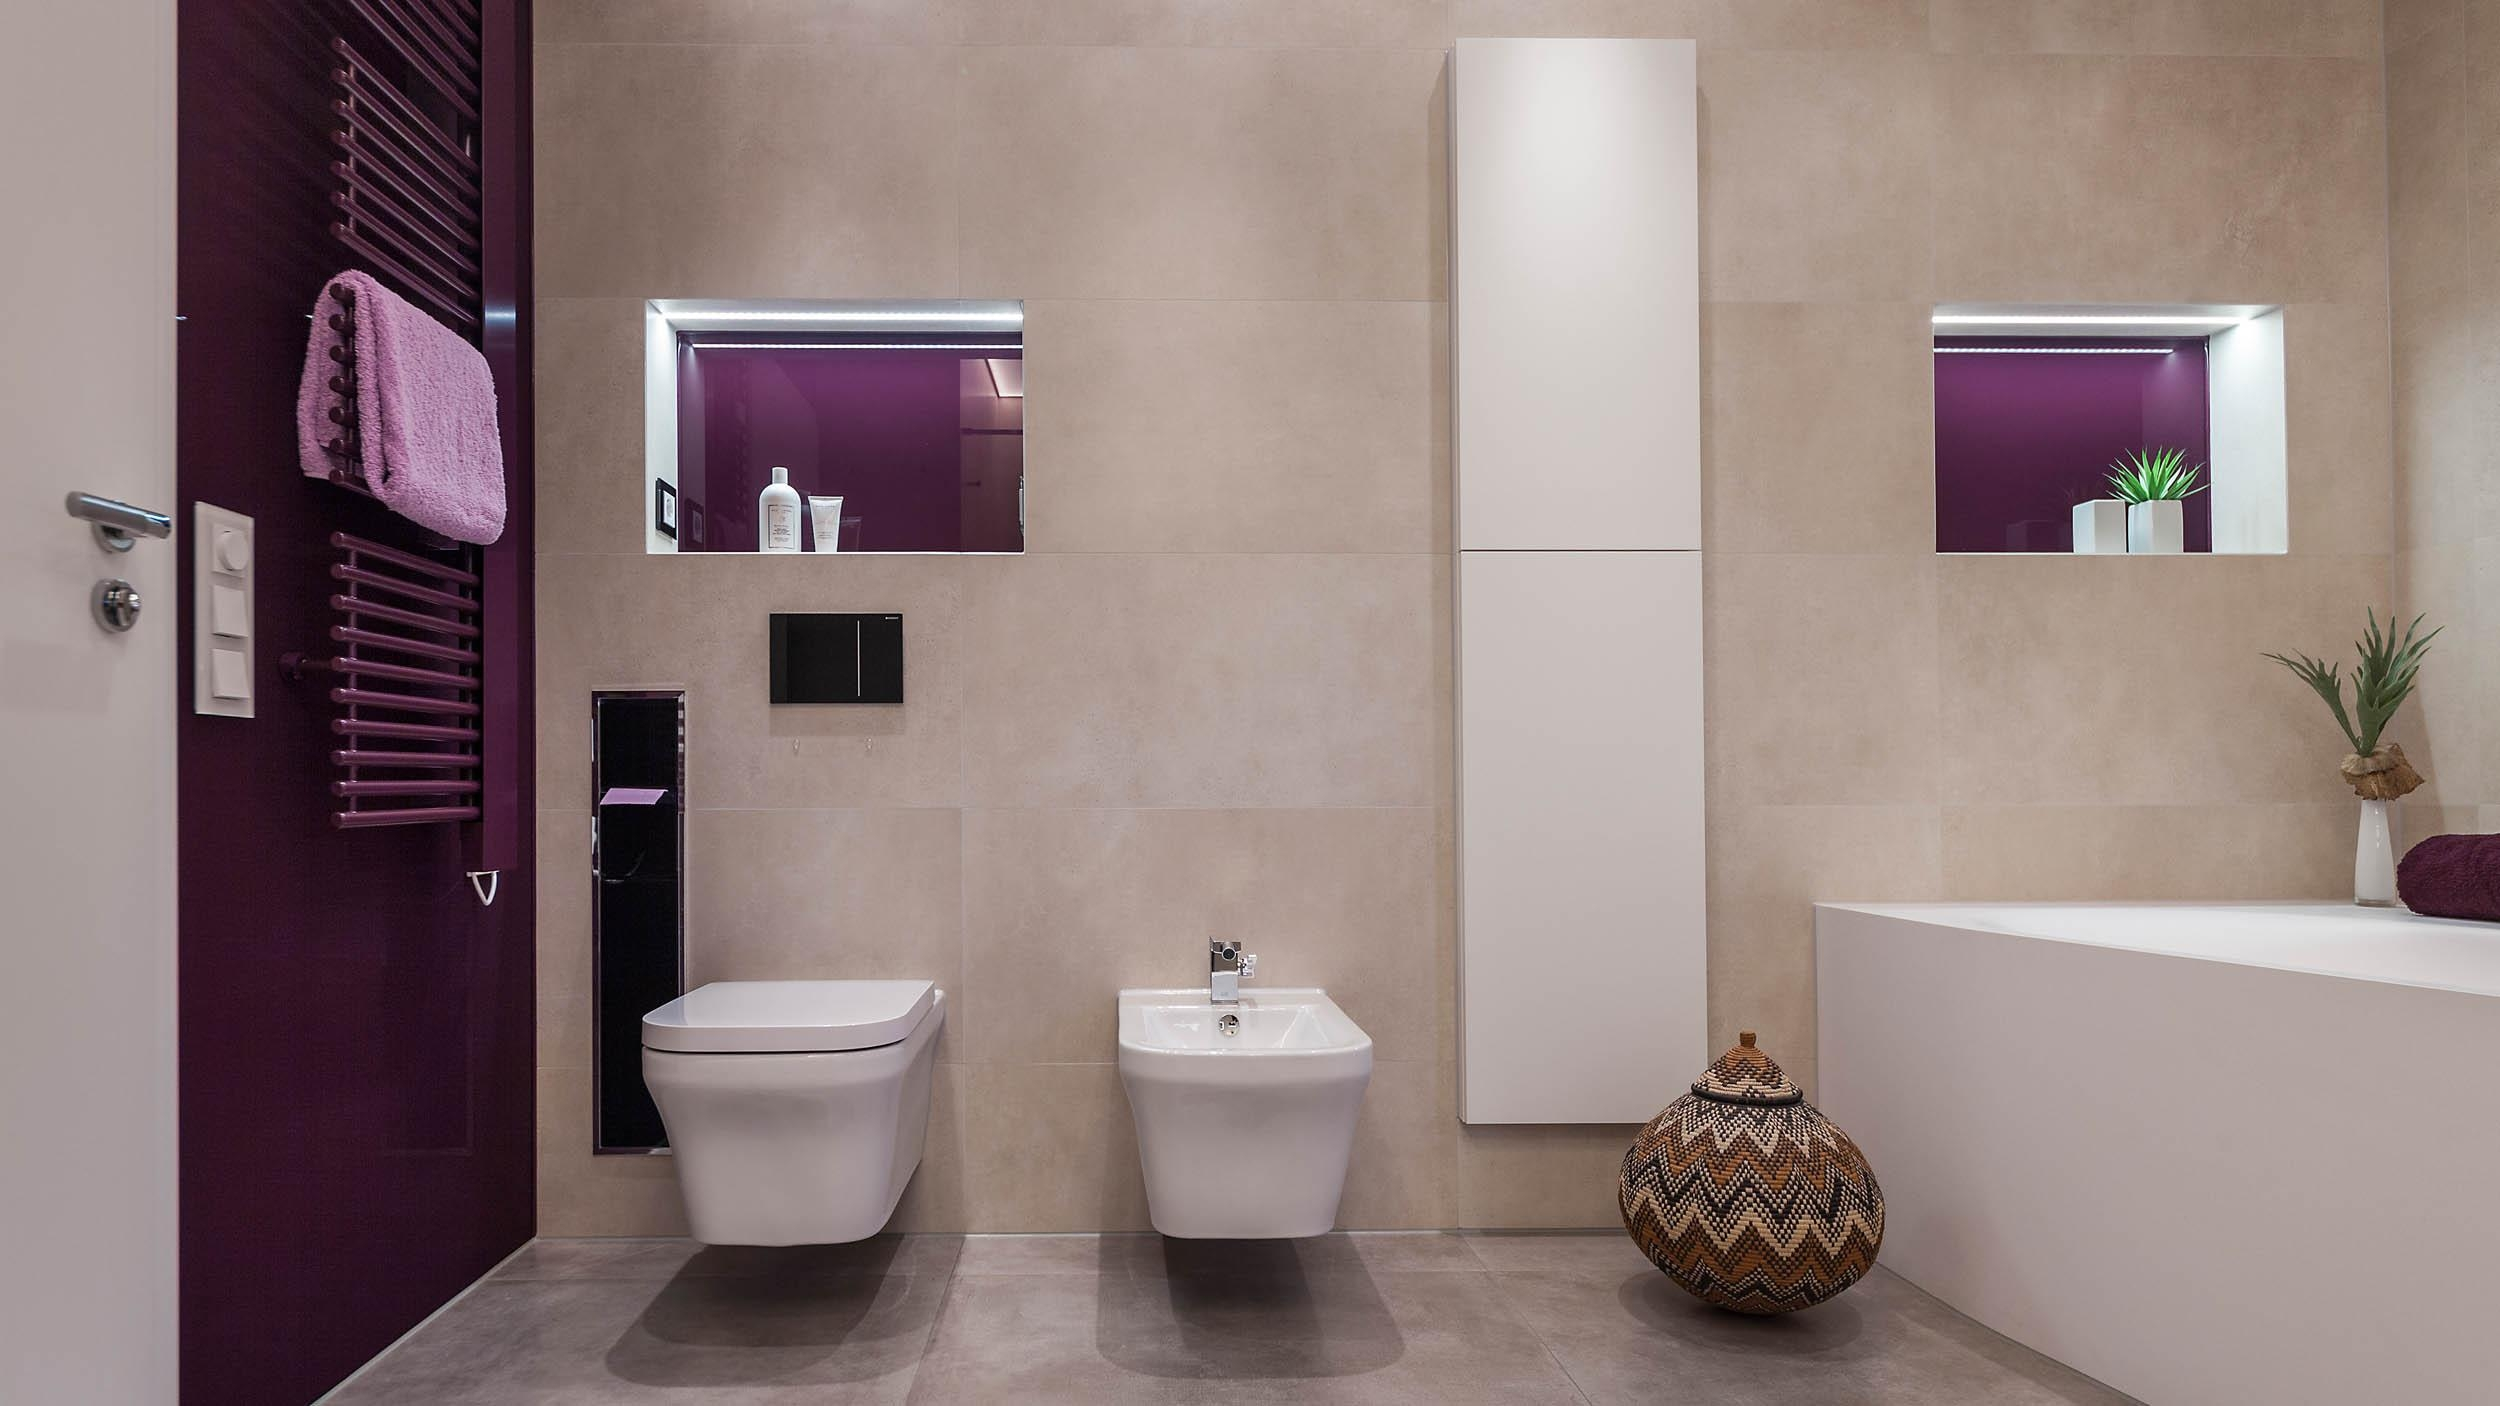 #bestebadstudios #badezimmer #bad #wc #badewanne #baddeko  #modernesbadezimmer #badsanierung